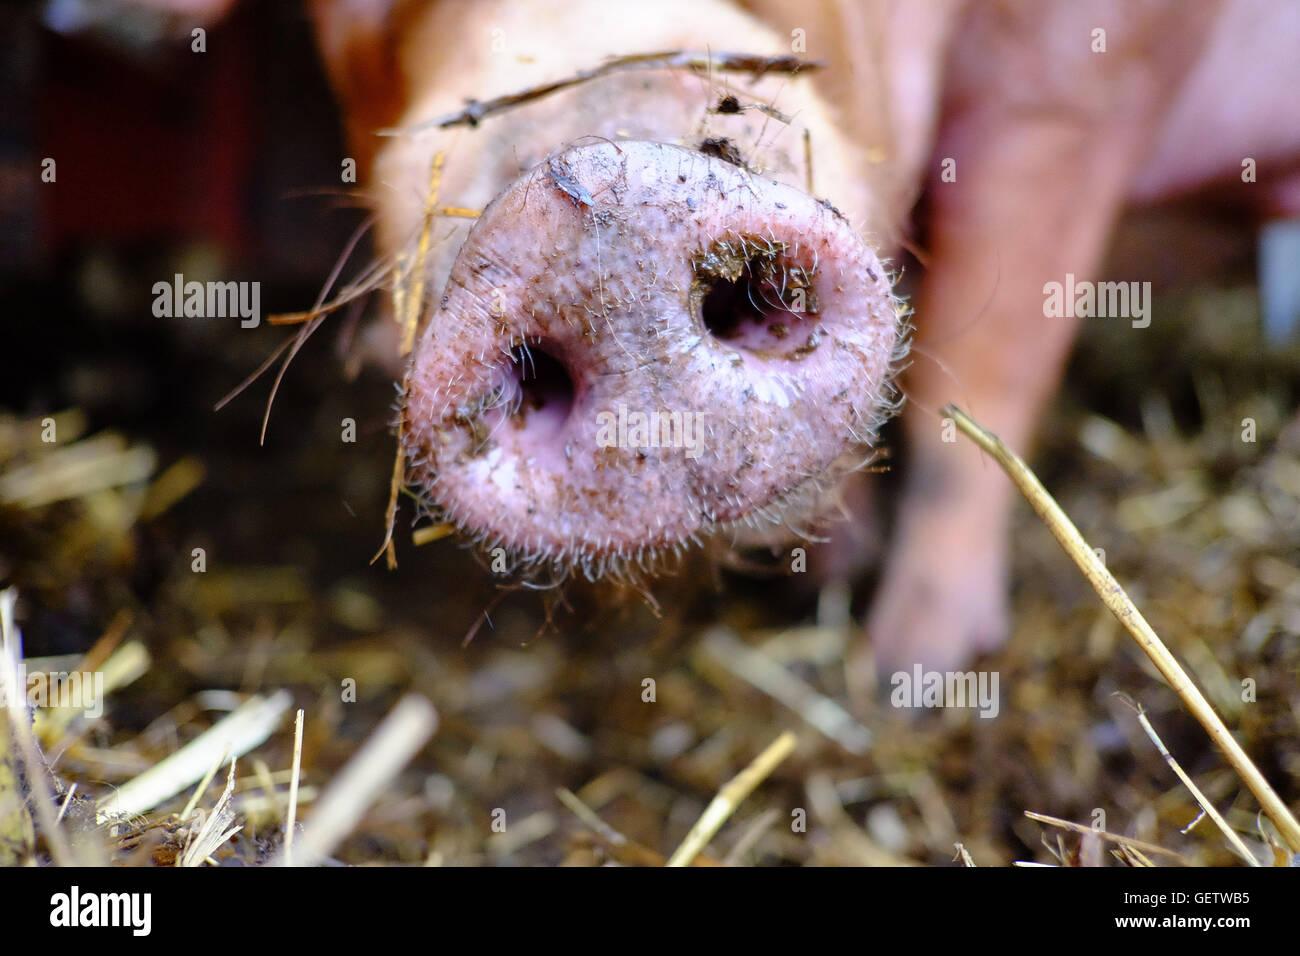 Nahaufnahme von einem Schwein Schnauze zeigt das Bein des Schweins im Hintergrund umgeben von Stroh. Stockbild